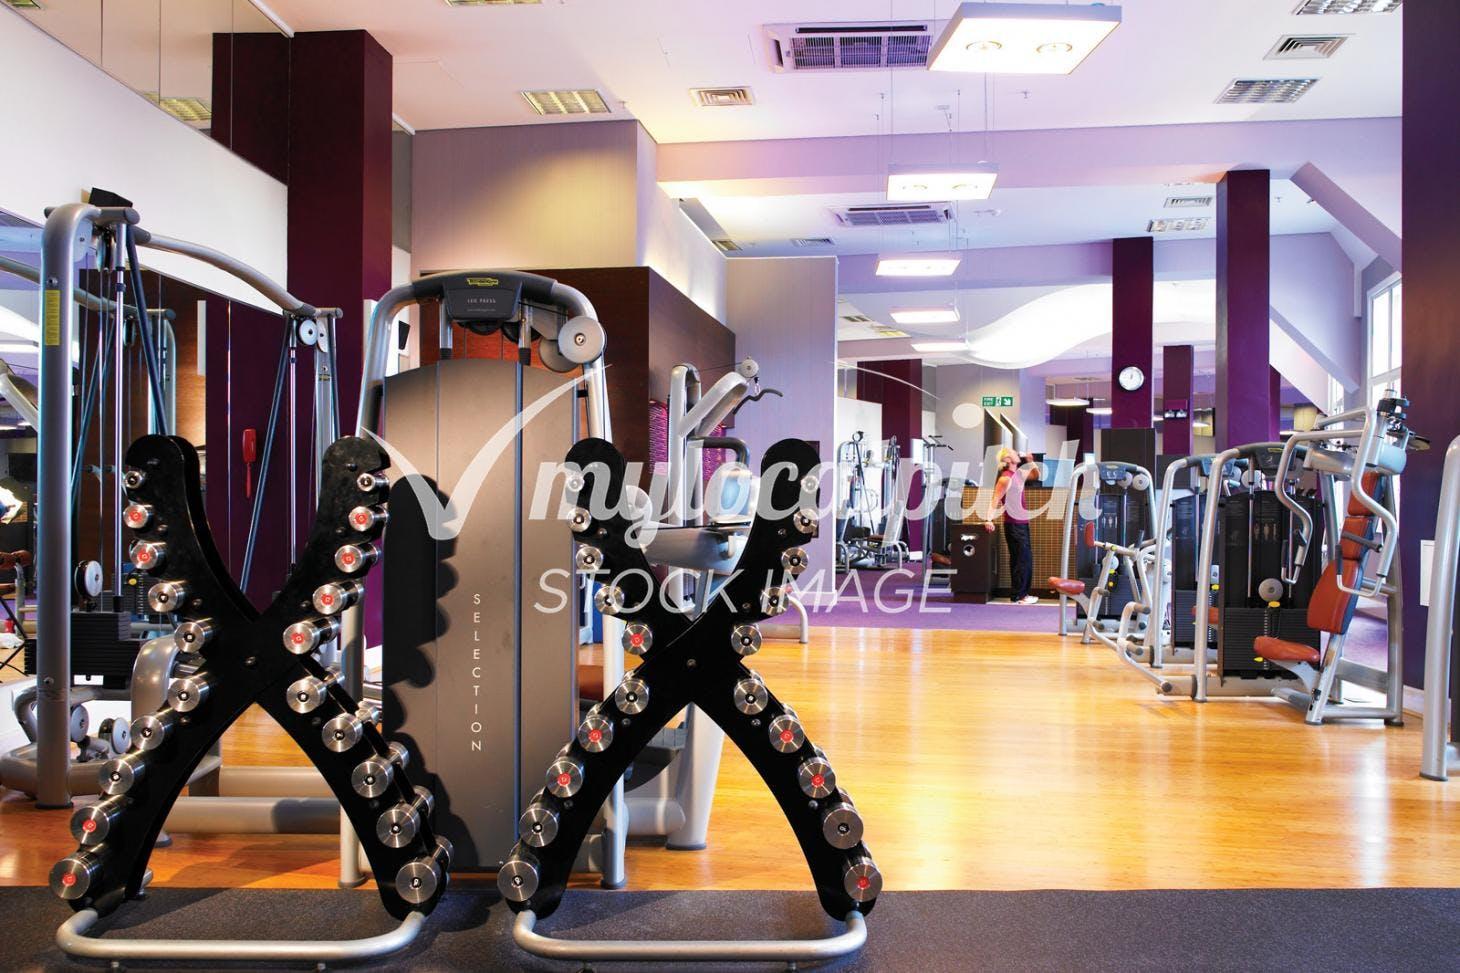 Coulsdon Manor Hotel & Golf Club Gym gym